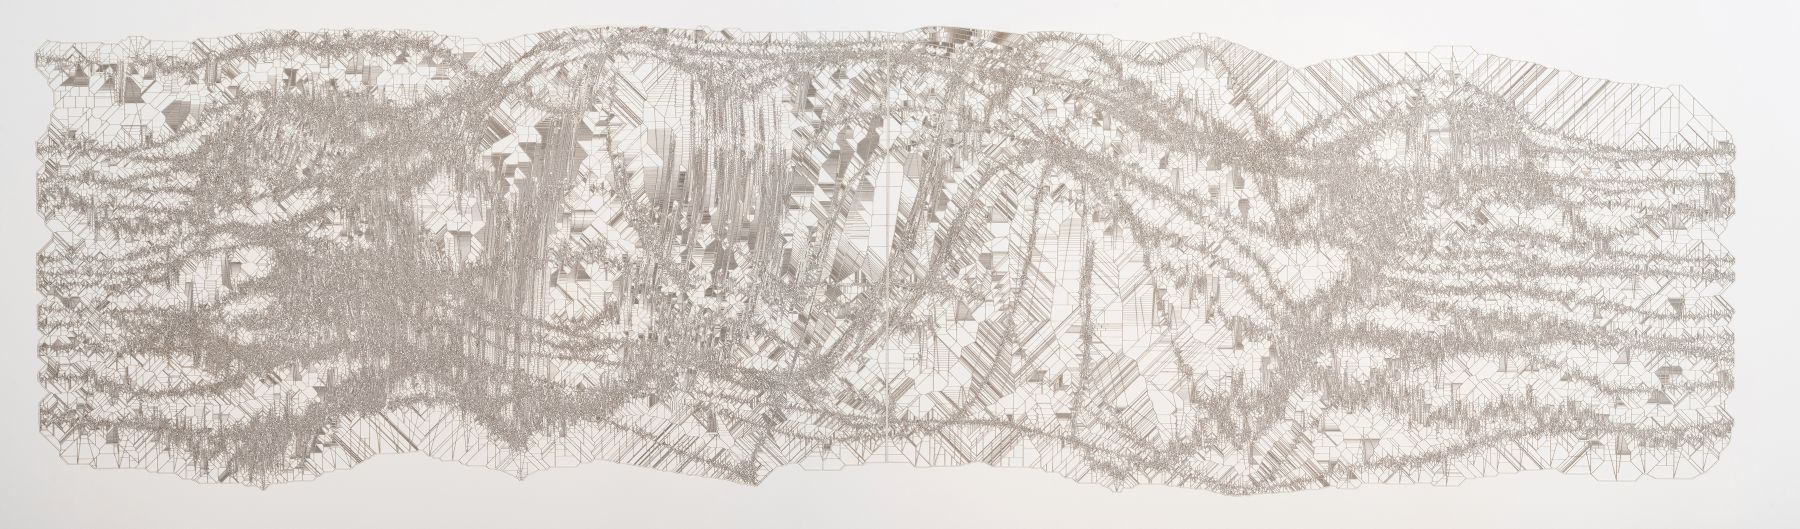 Gustavo Díaz.(b. 1969, Argentina).Observando dentro de la línea, en algún nivel existe un patrón. Prigogine mira..., from the series Acumulación de autoligaduras. [AA2], 2018.Cut out paper.22 5/16 x 67 31/32 in. (56.7 x 172.7 cm.)